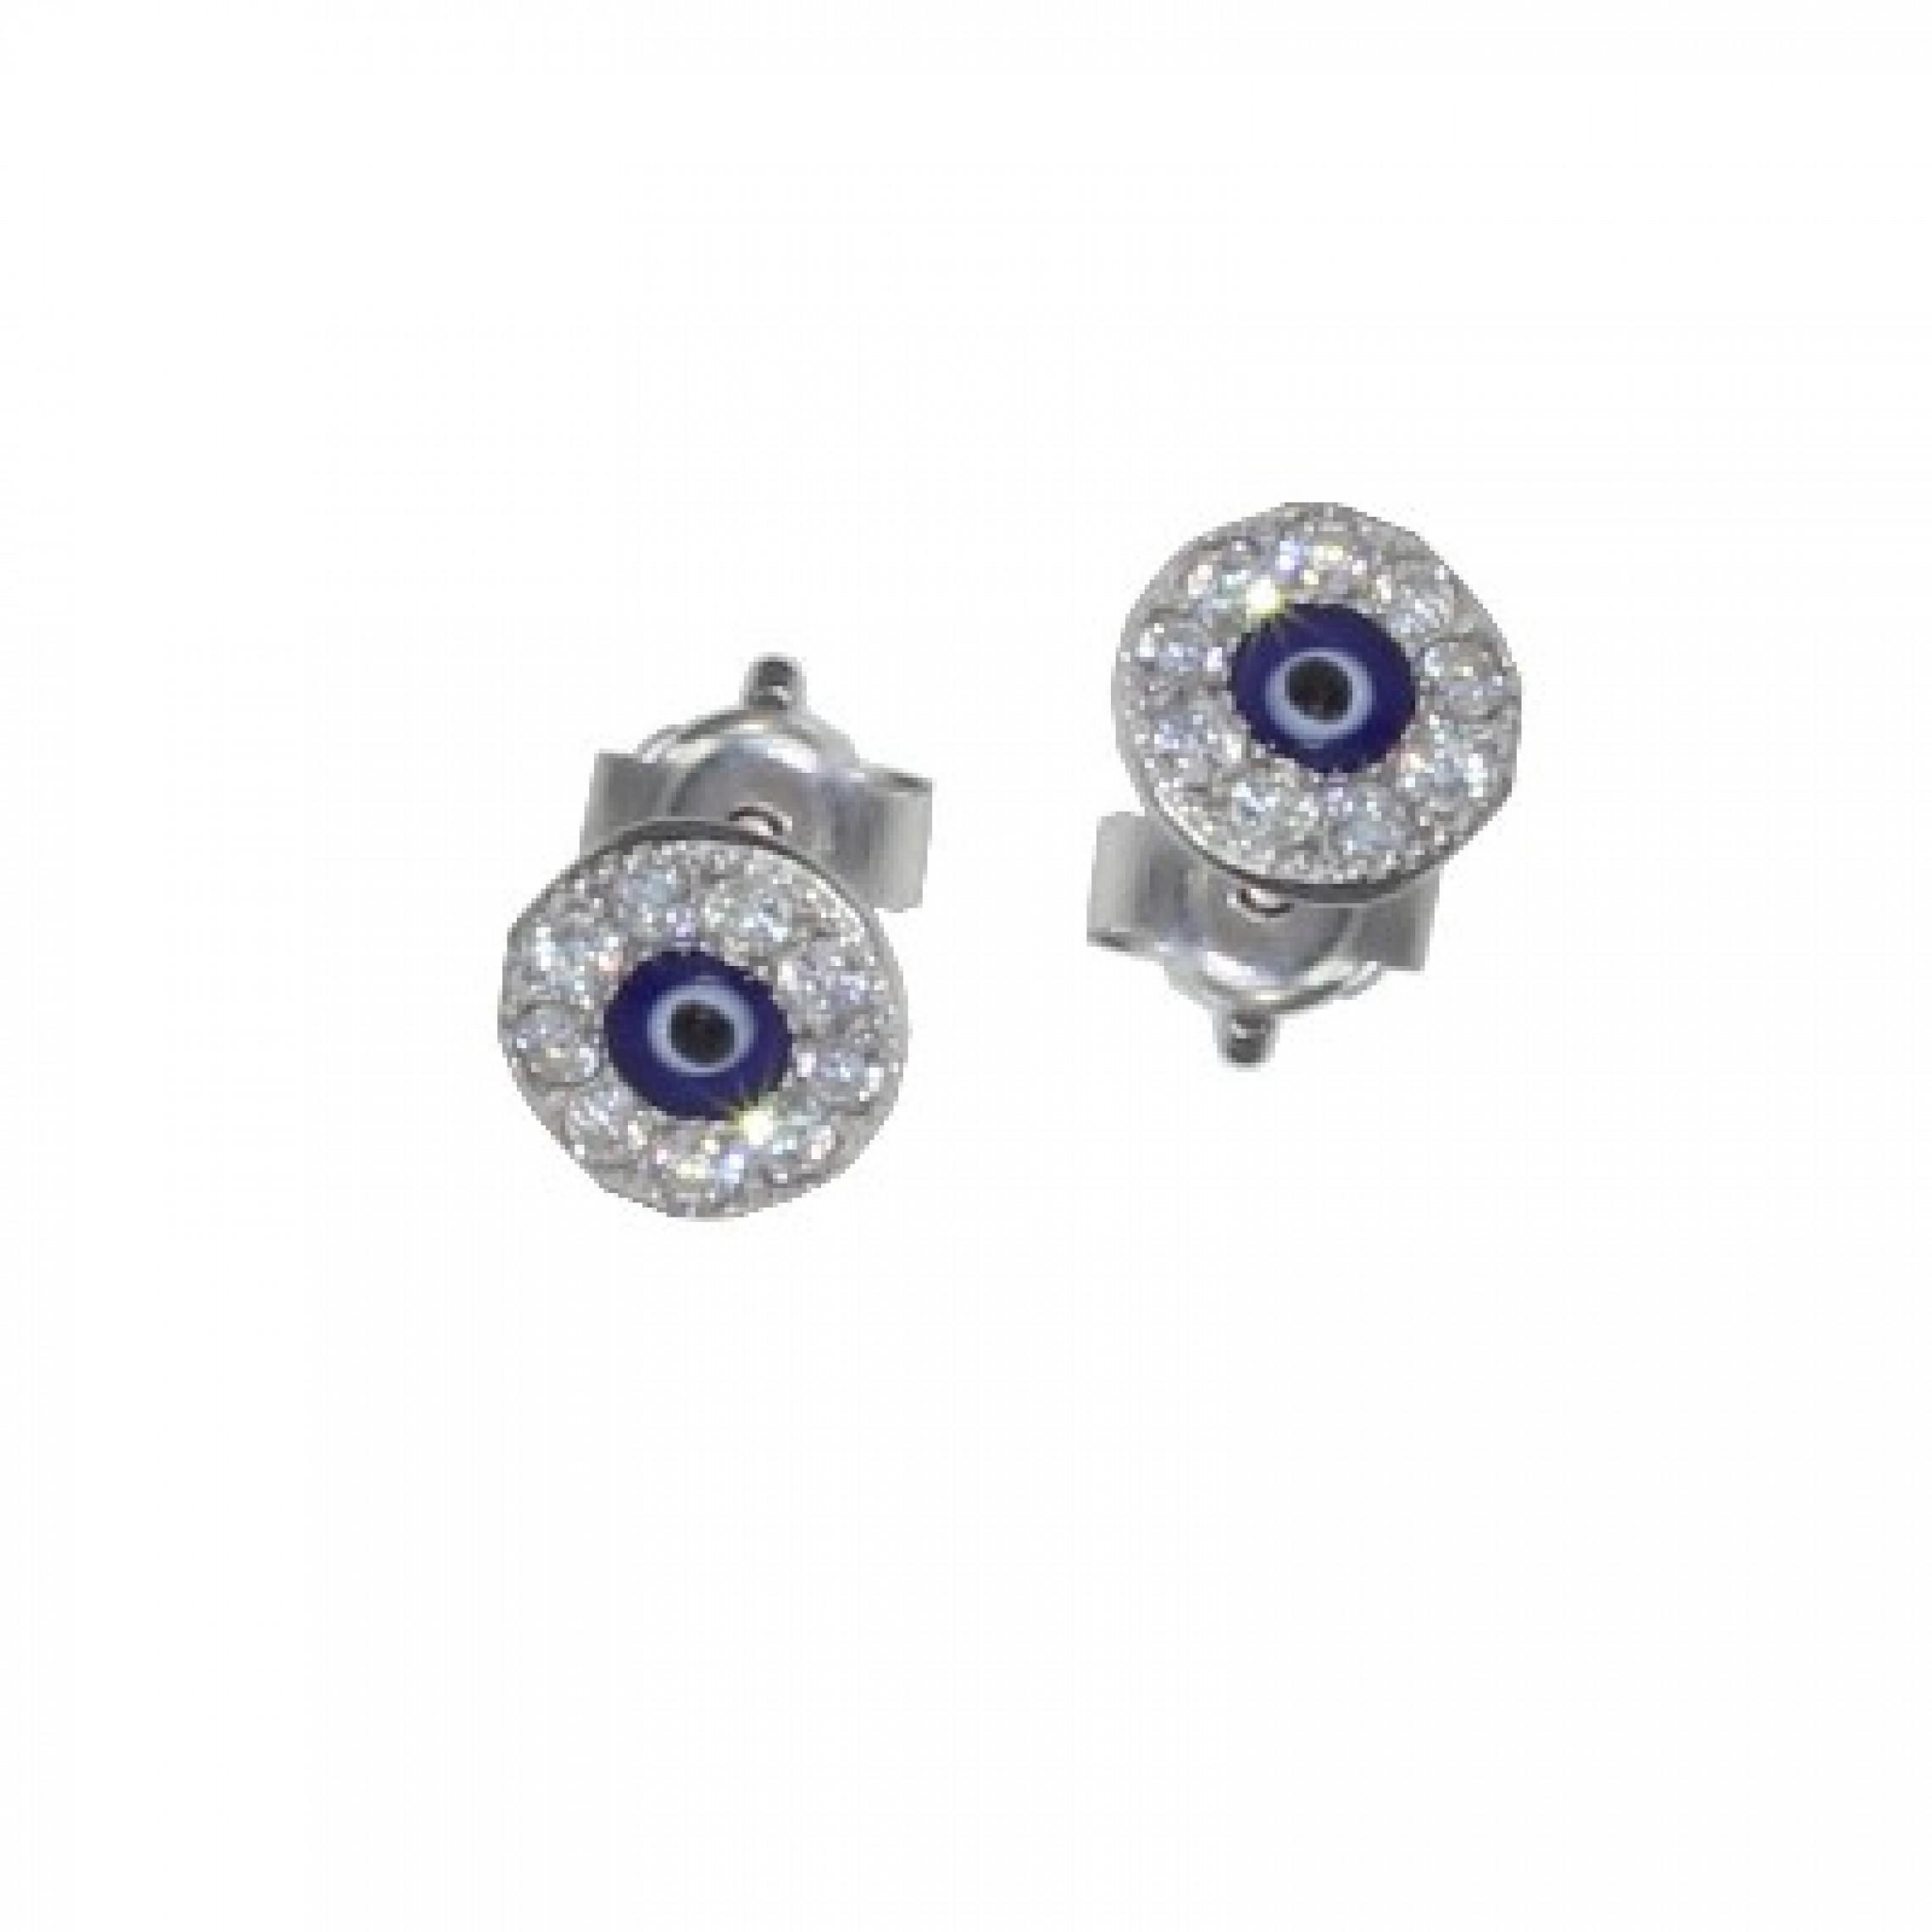 SE-81 Evil Eye 925 Sterling Silver CZ Earrings